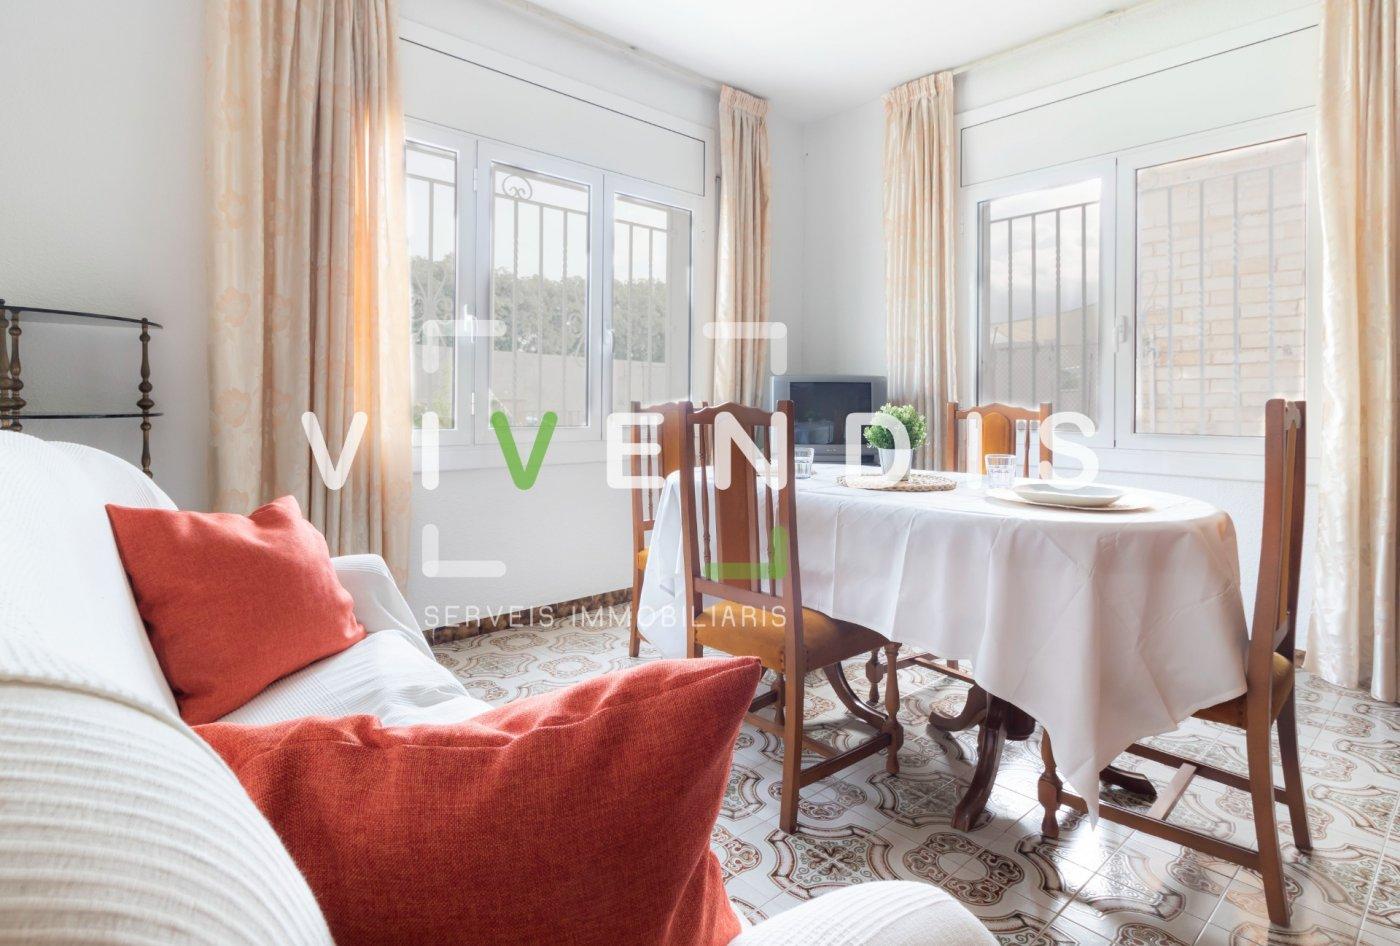 casa en sant-andreu-de-la-barca · pla-de-lestacio 264000€